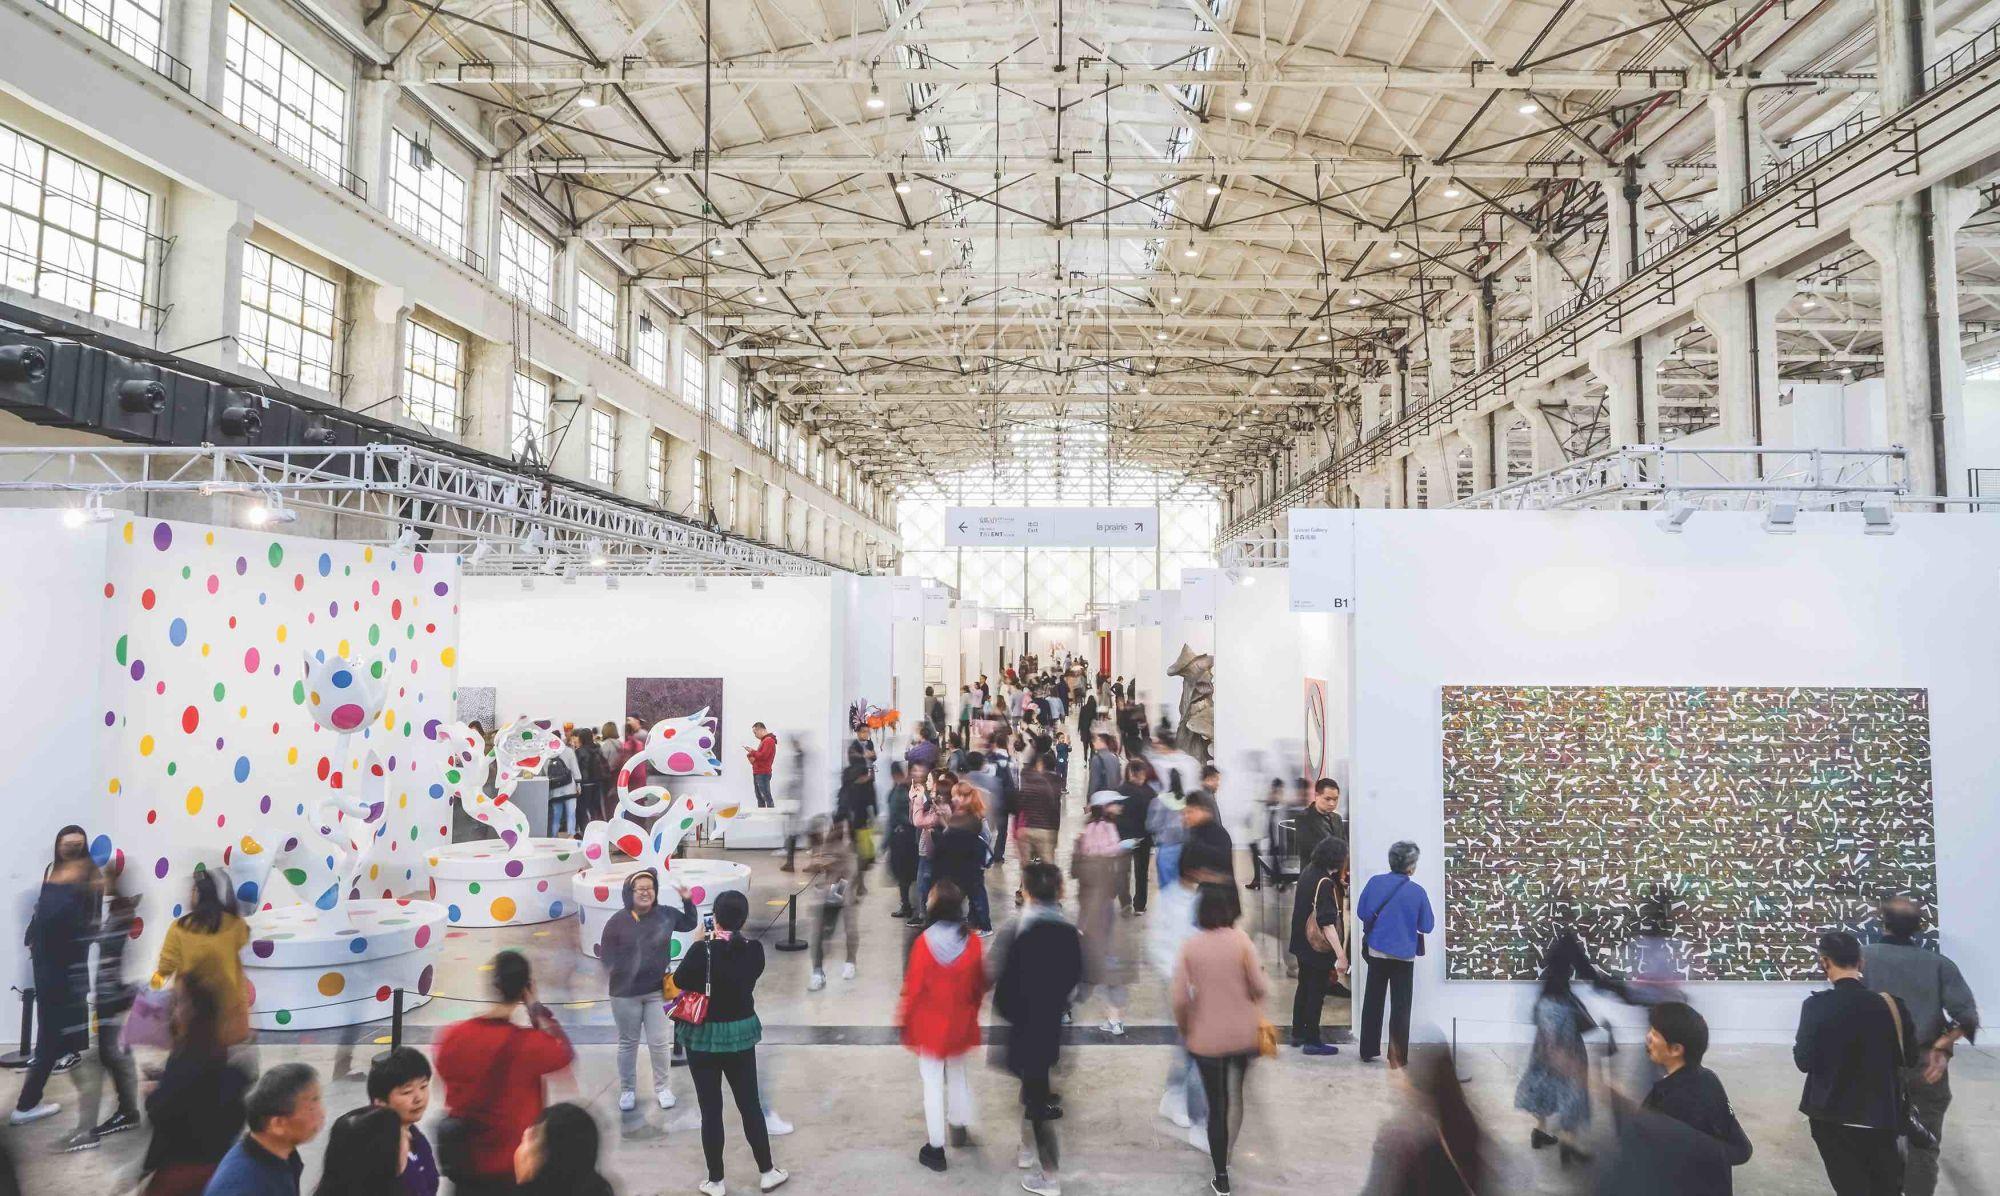 West Bund Art & Design 2019: 10 Booths To Visit